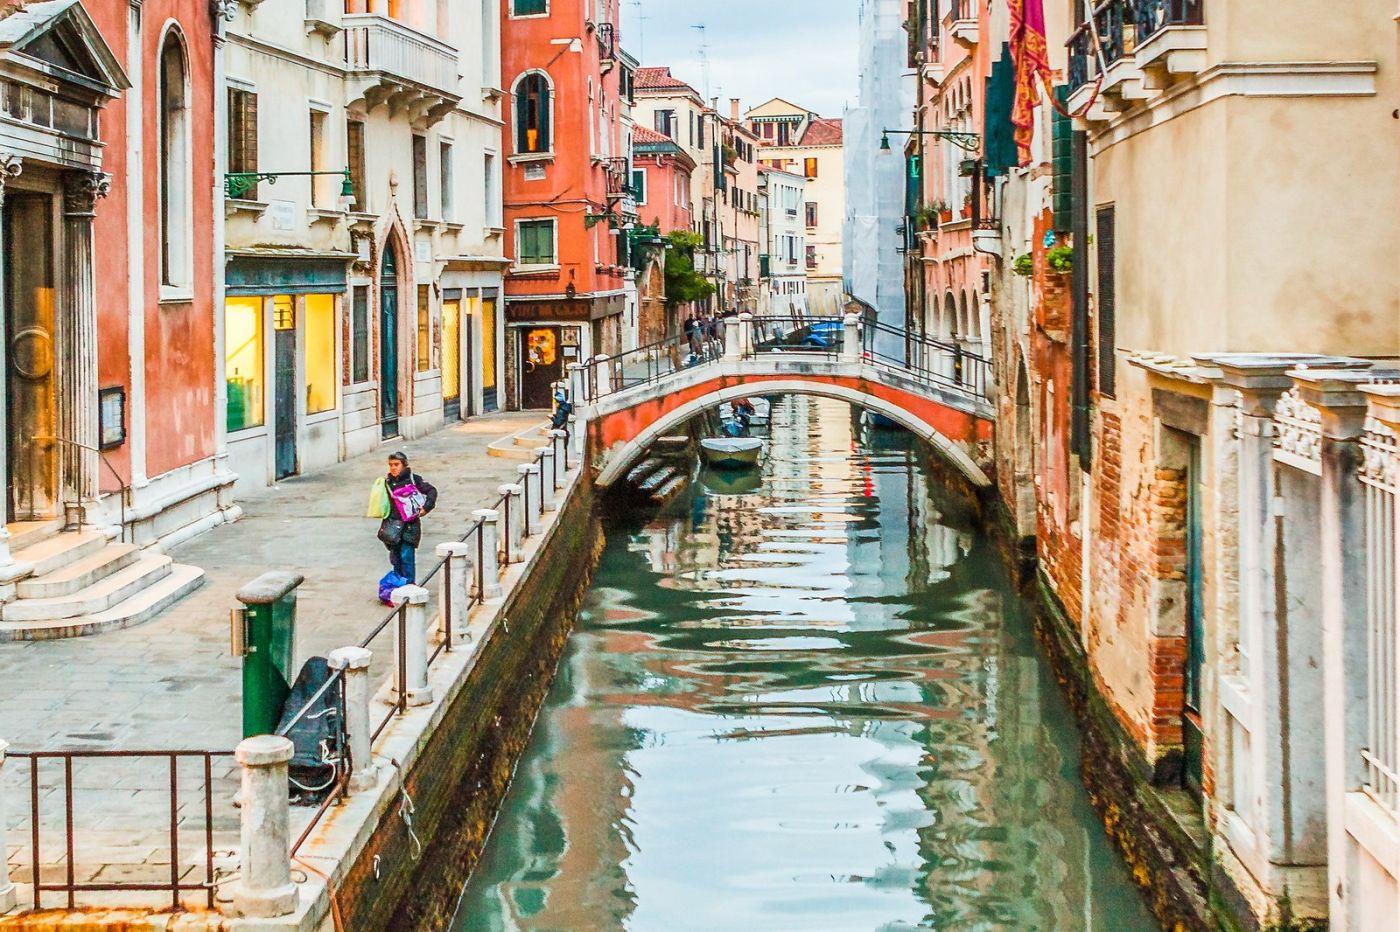 意大利威尼斯,桥的艺术_图1-7